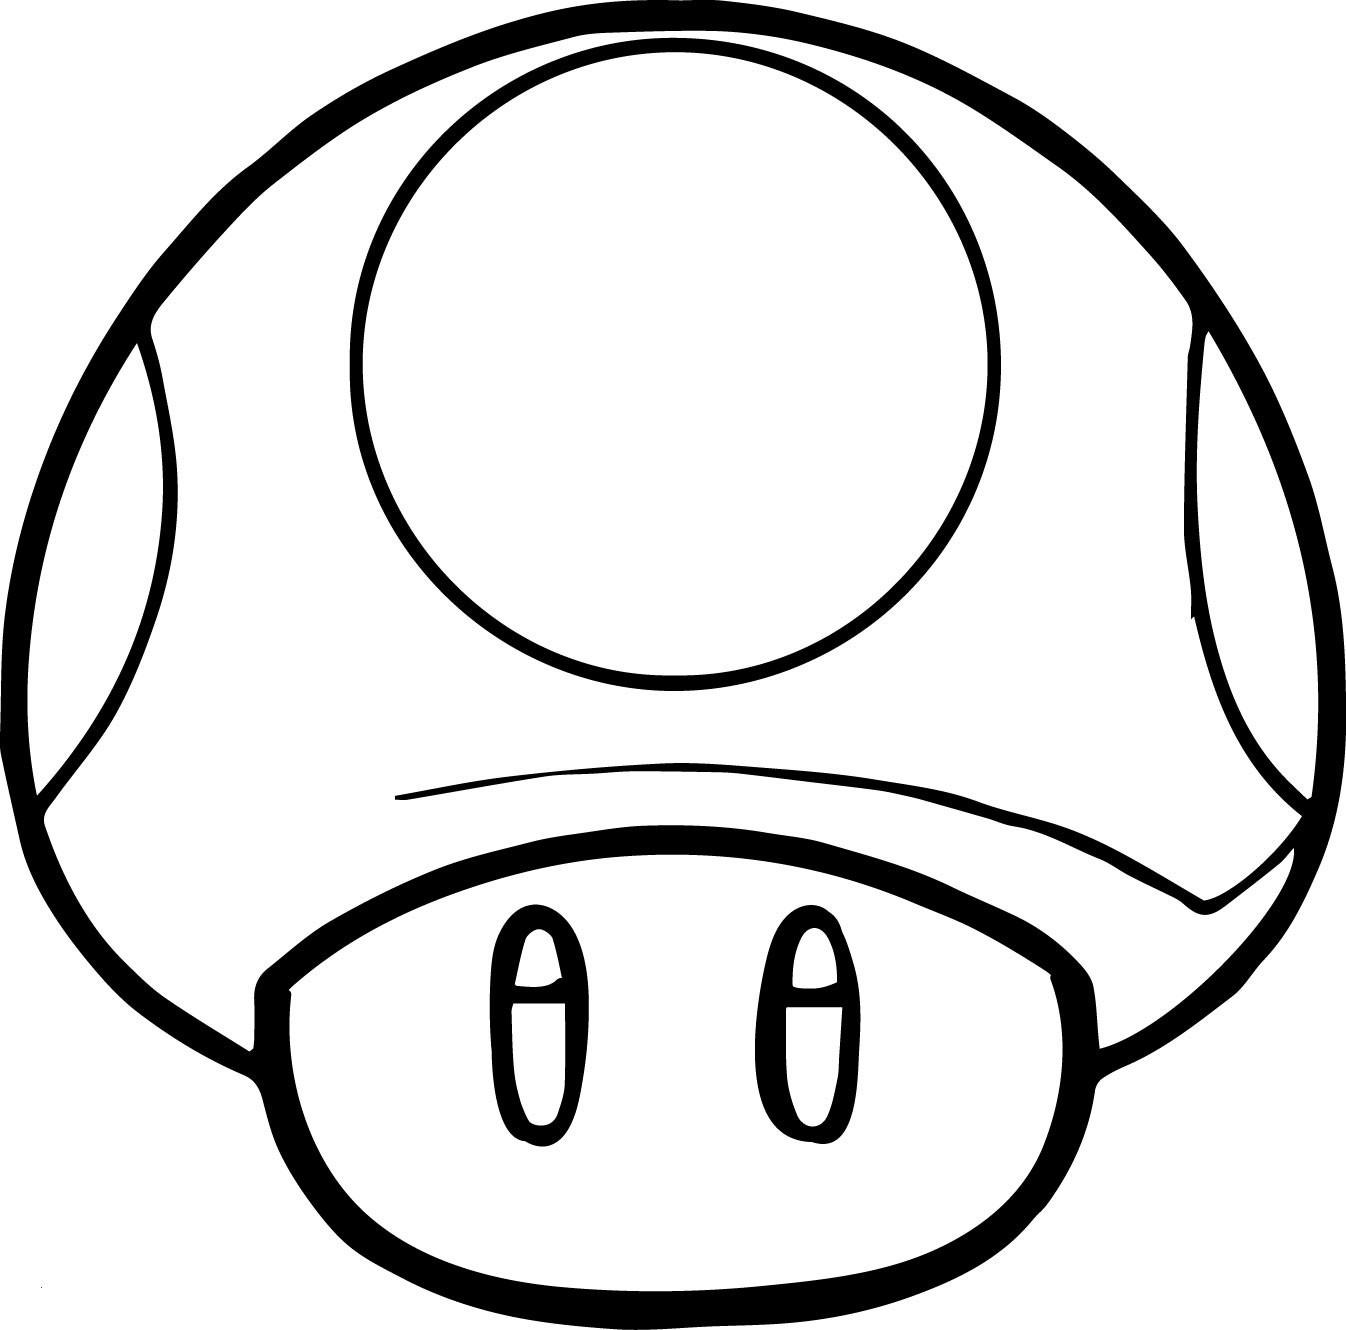 Plants Vs Zombies Ausmalbilder Das Beste Von Super Mario Coloring Pages Awesome Ausgezeichnet Super Mario Pilz Sammlung